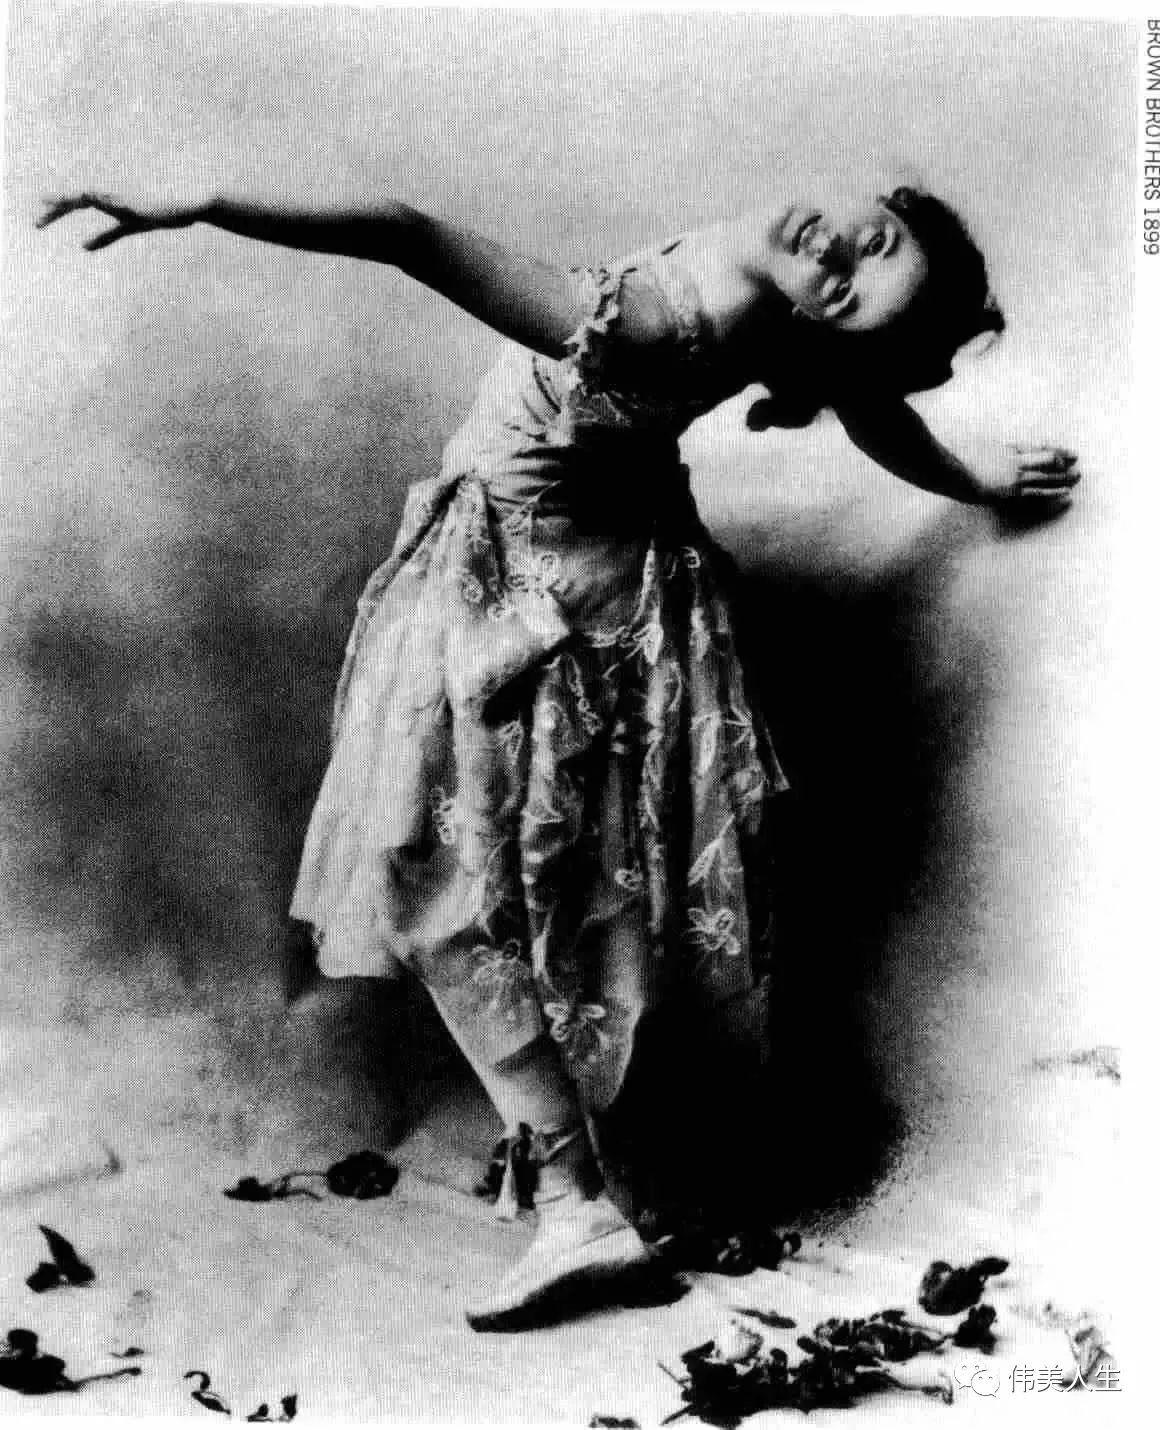 白女人与黑女人人体艺术�_世界上第一位光脚表演的艺术家,用舞蹈诠释人体之美!